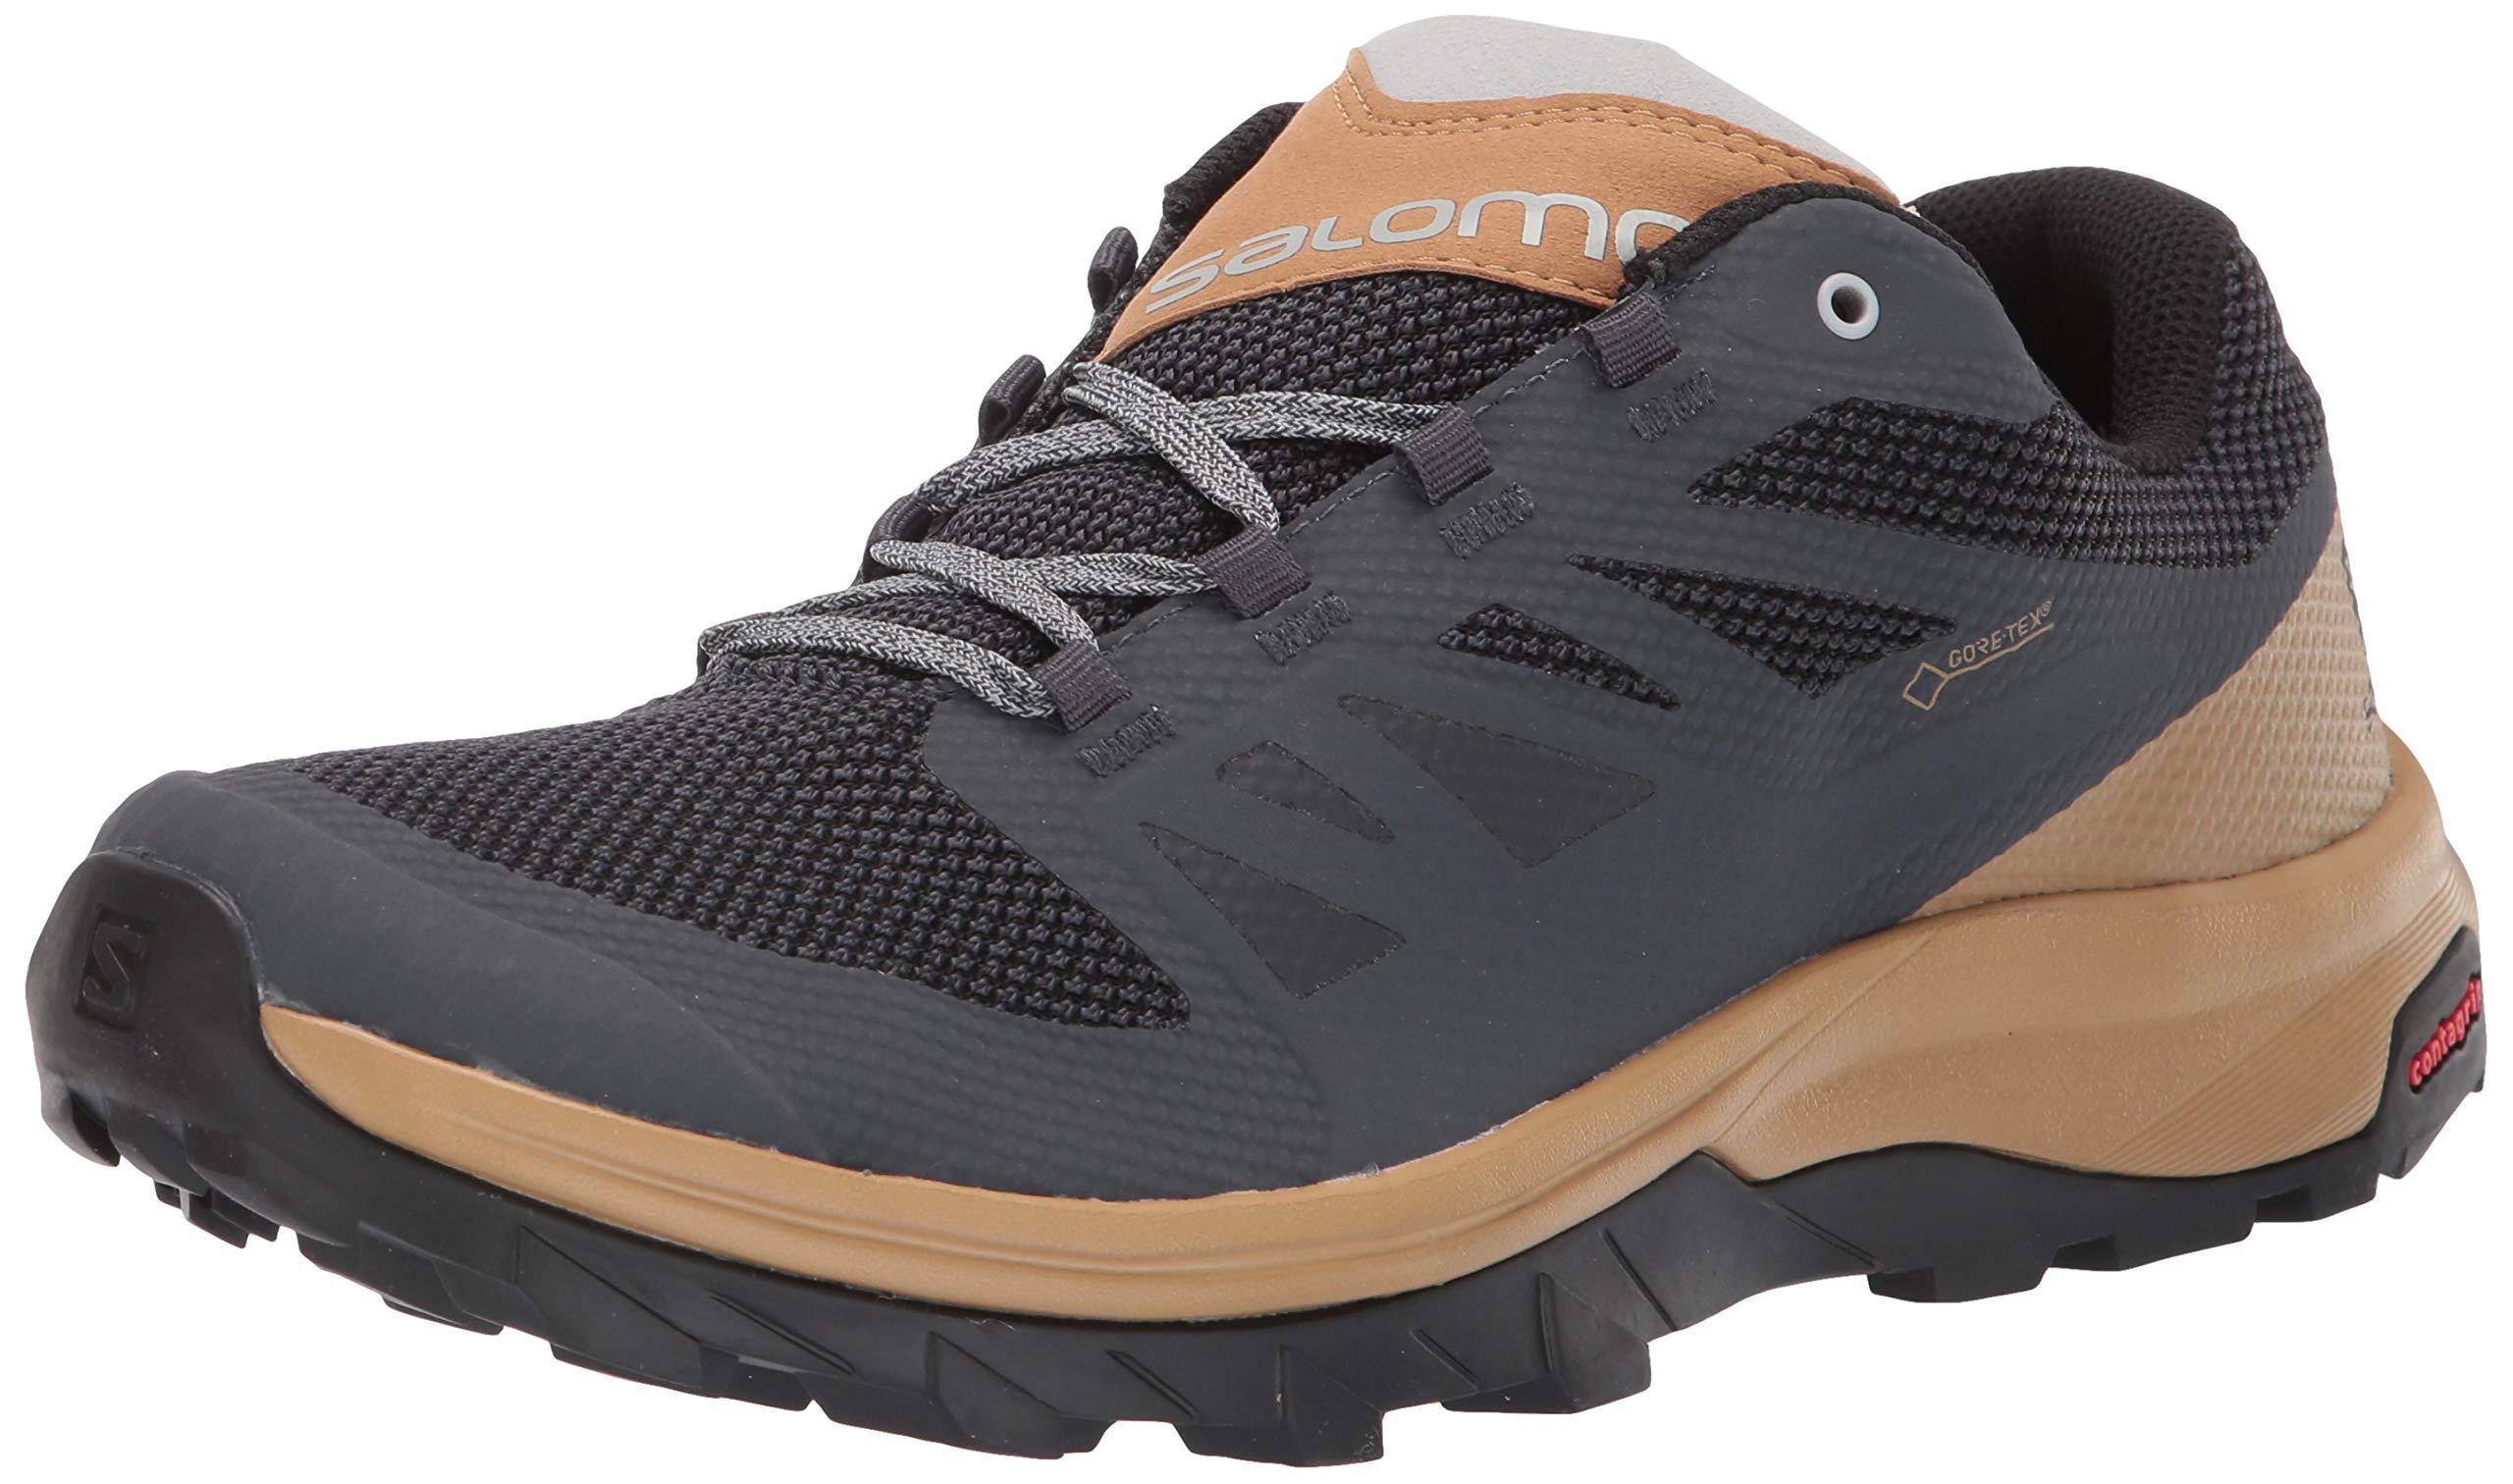 SALOMON Men's Outline GTX Hiking Shoes, Ebony/Bistre/Pearl Blue, 11 by SALOMON